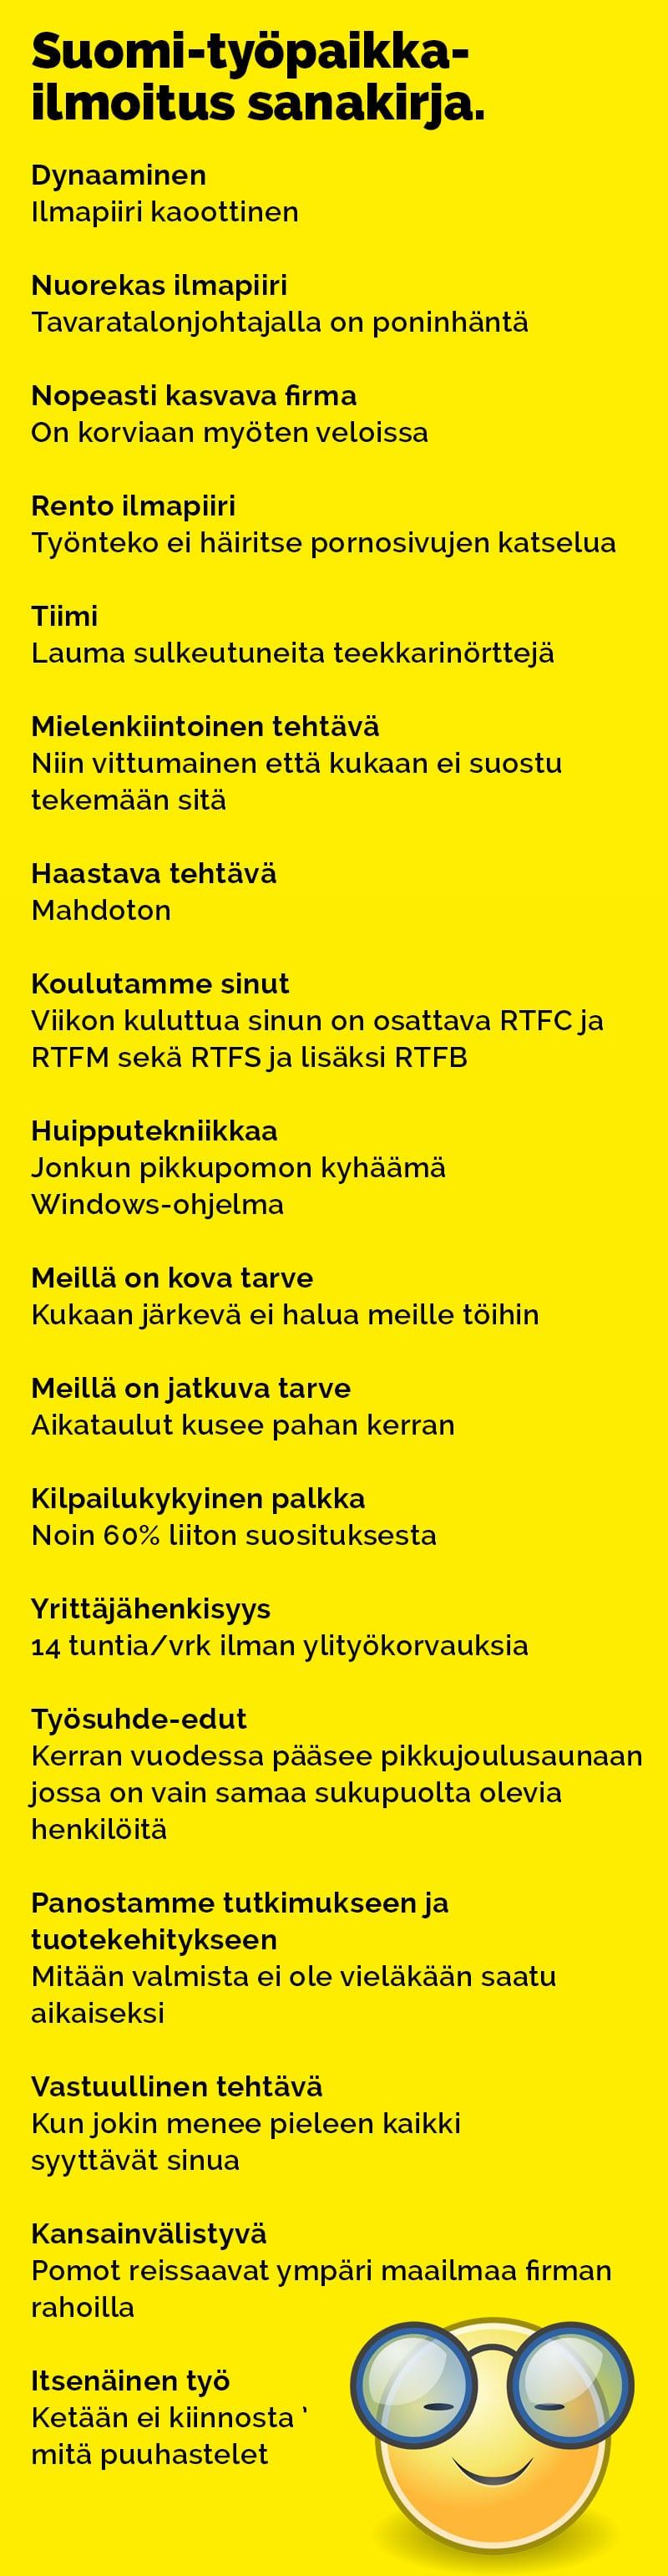 suomi_tyopaikkailmoitus_sanakirja_2